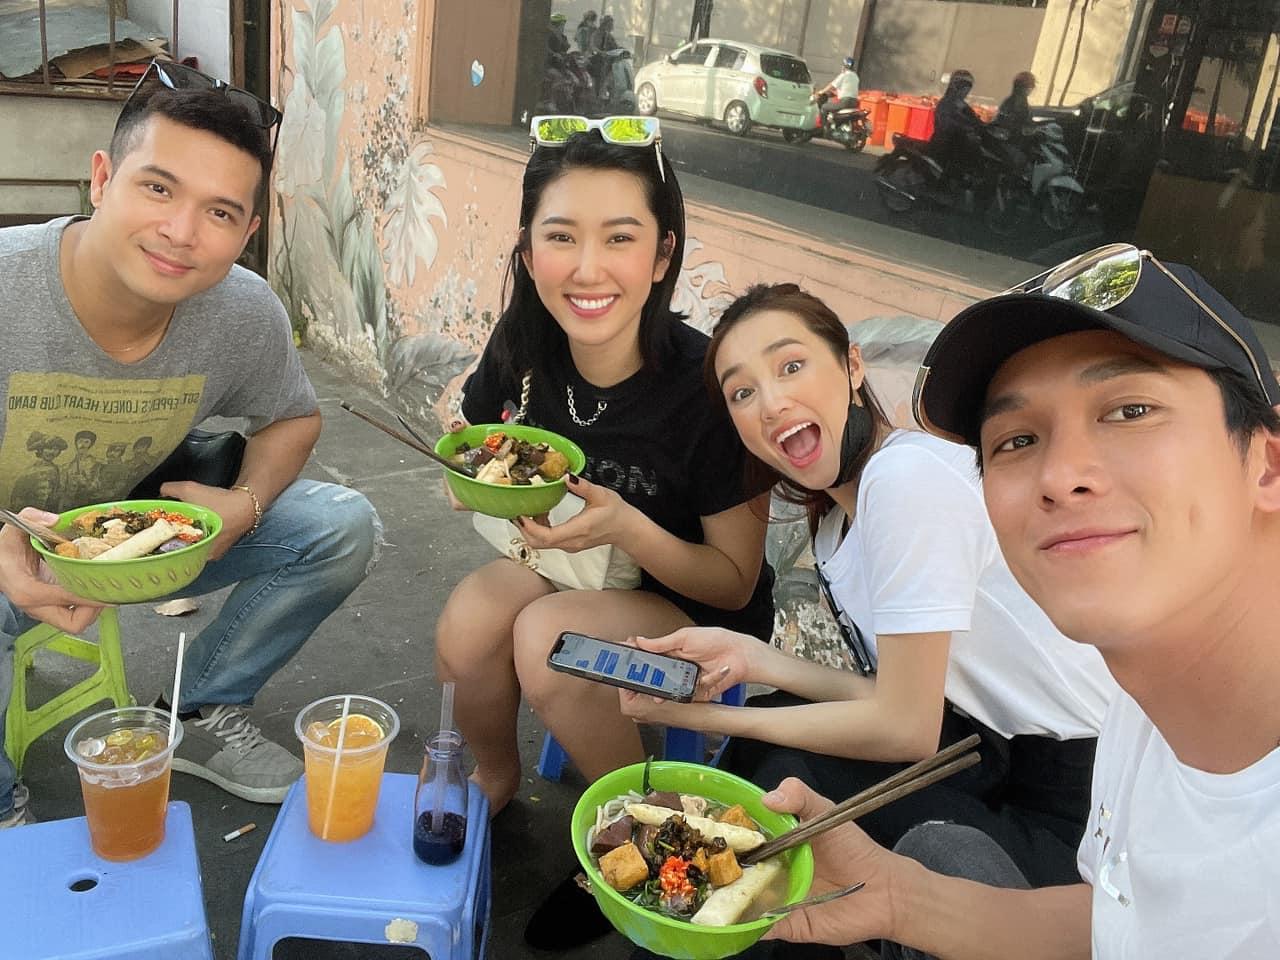 Trương Thế Vinh, Thúy Ngân, Nhã Phương và Song Luân nhí nhố ngồi ăn vỉa hè.